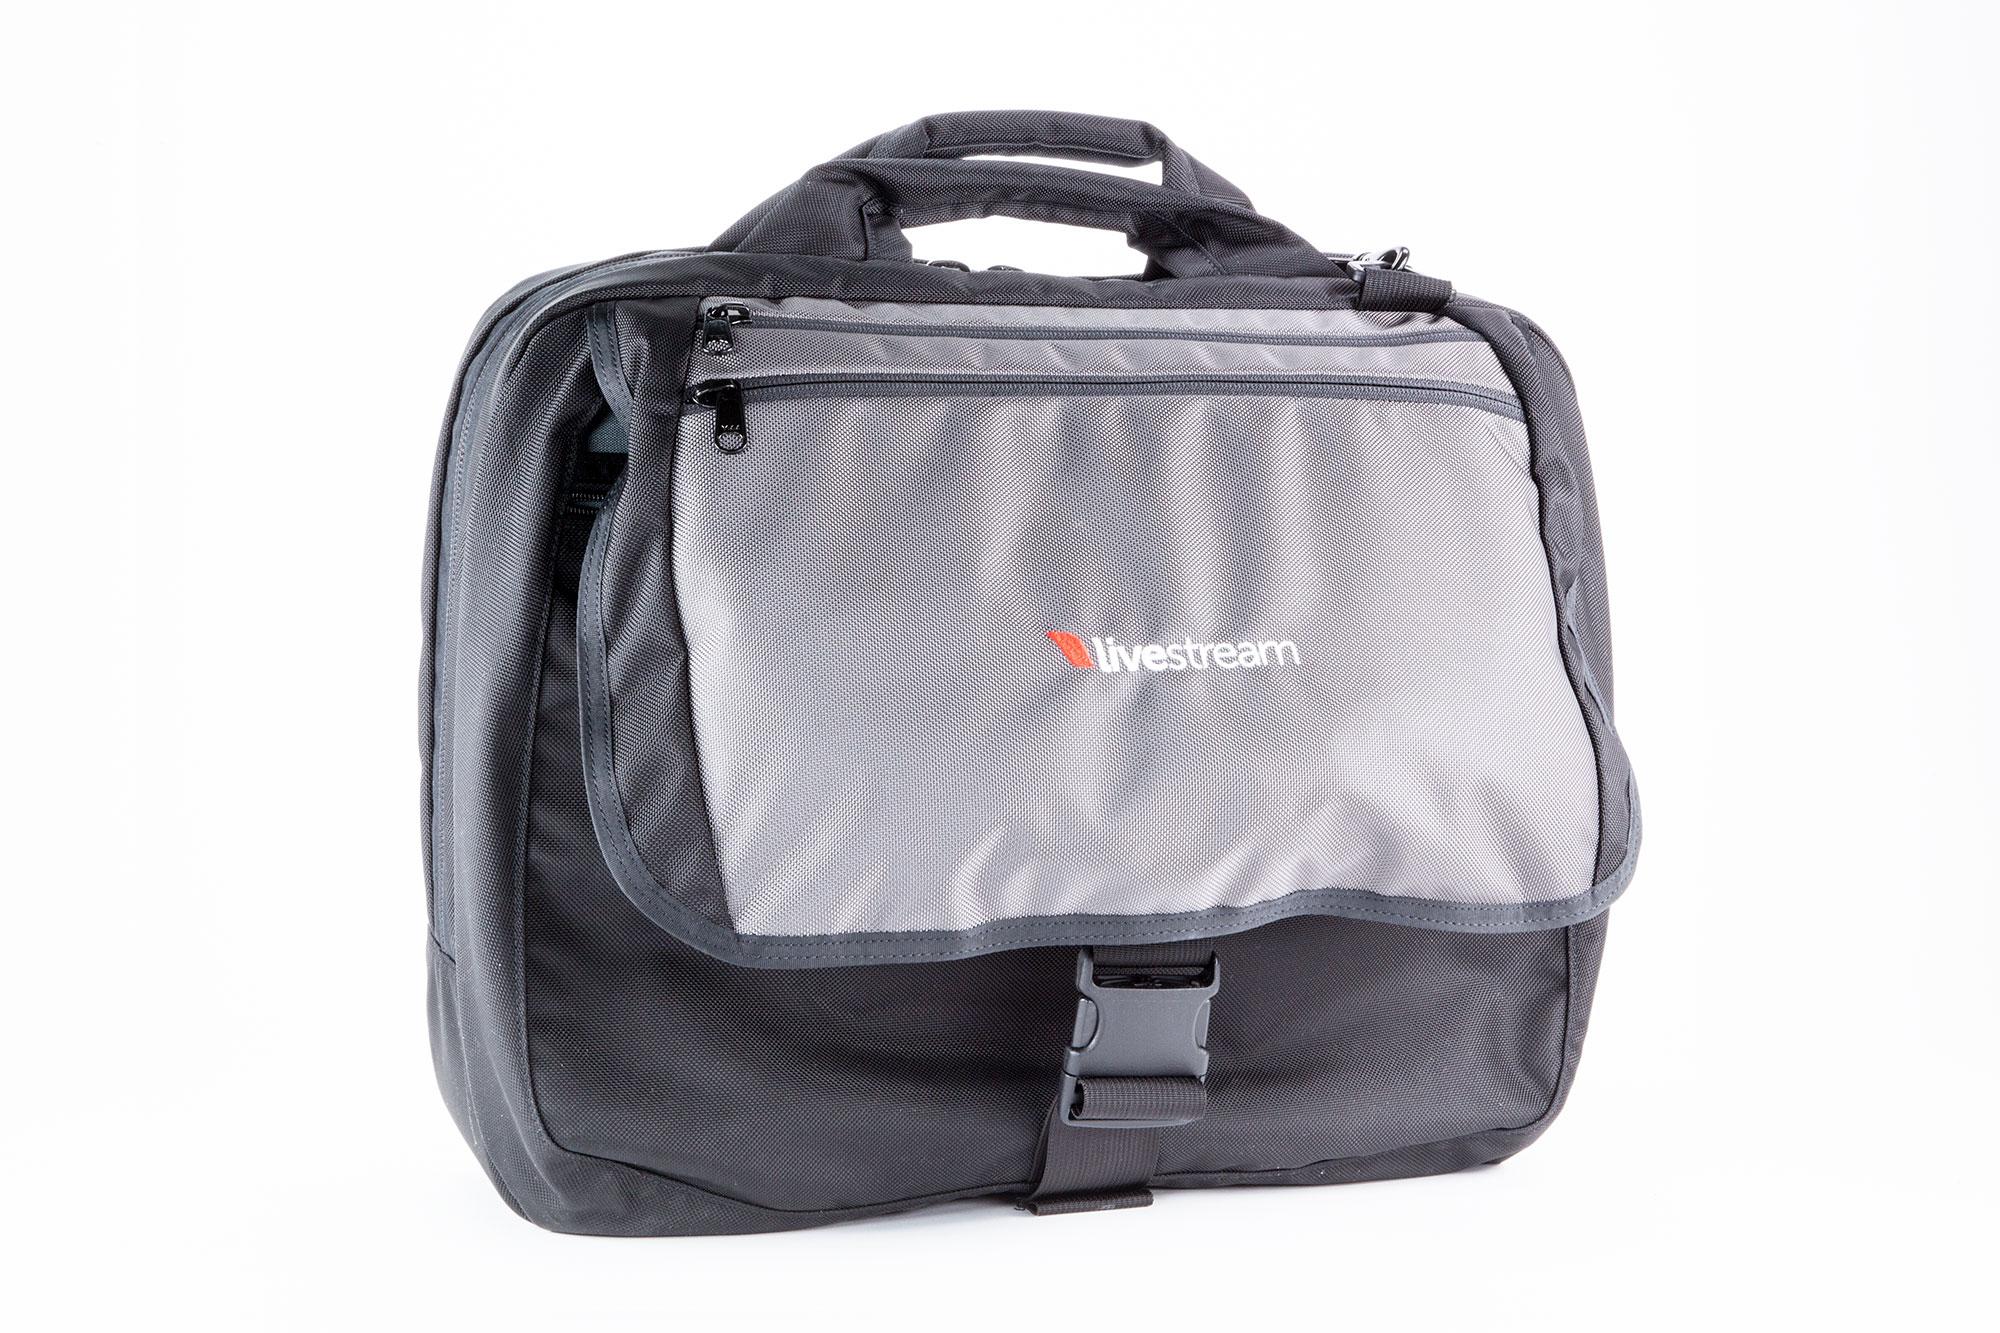 studio-bag-b0e161284c32f261d579fe63ec64f50e.jpg